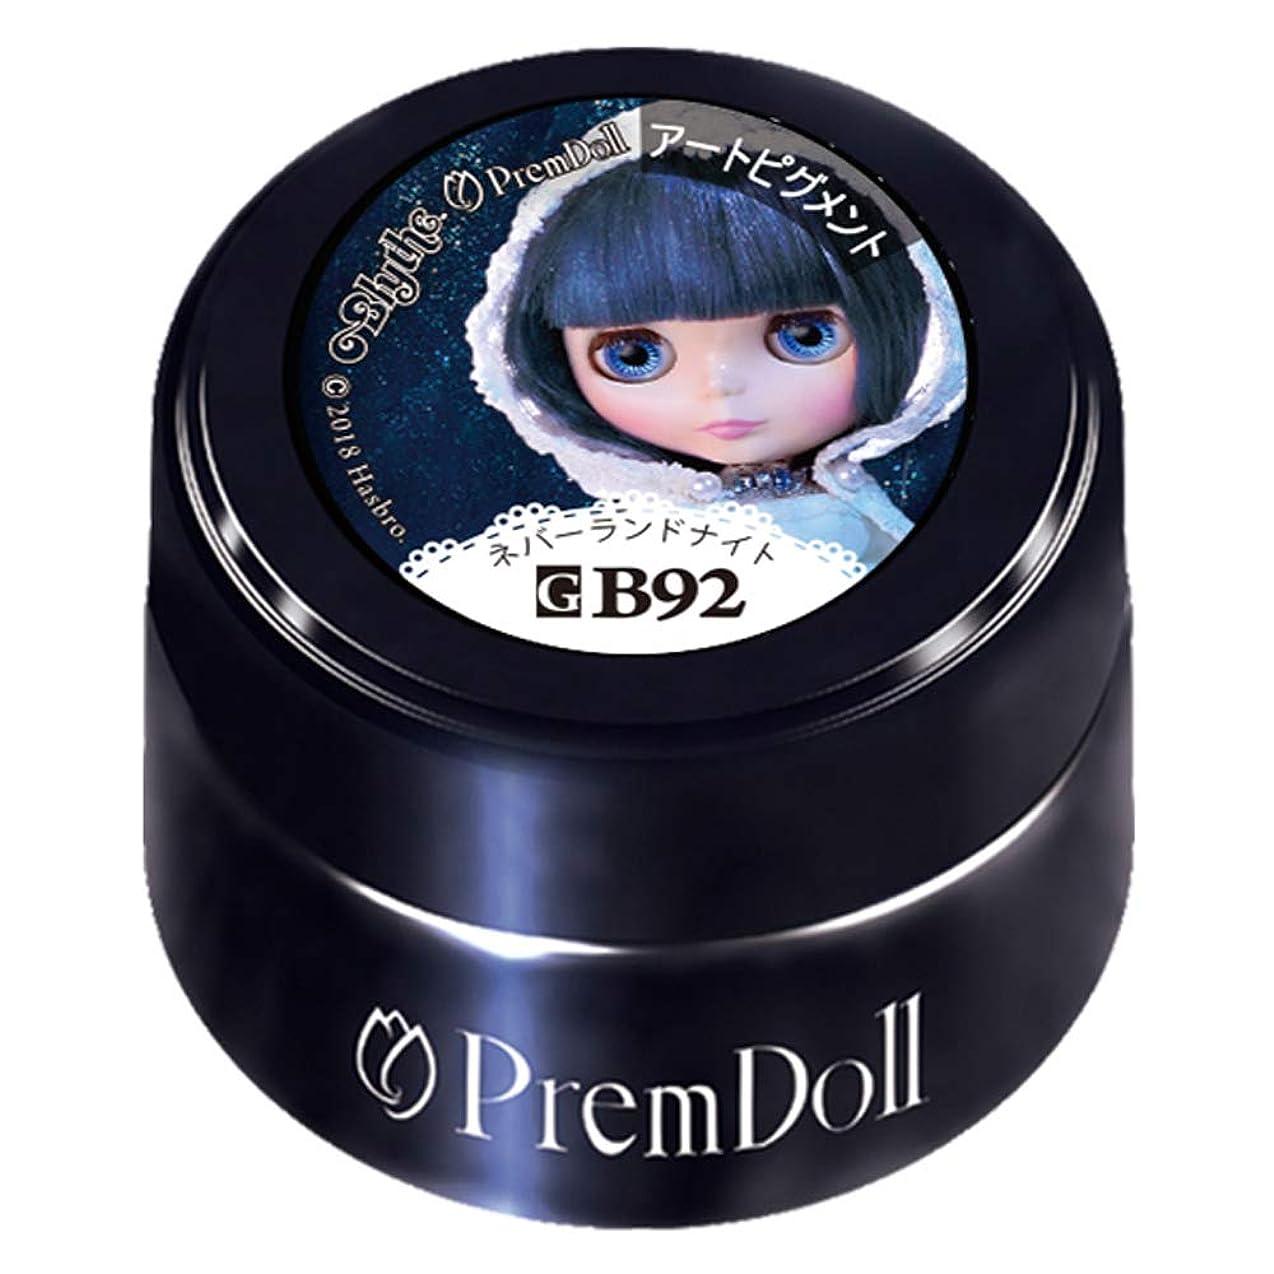 カバーヒープ気性PRE GEL プリムドール ネバーランドナイト92 DOLL-B92 3g カラージェル UV/LED対応